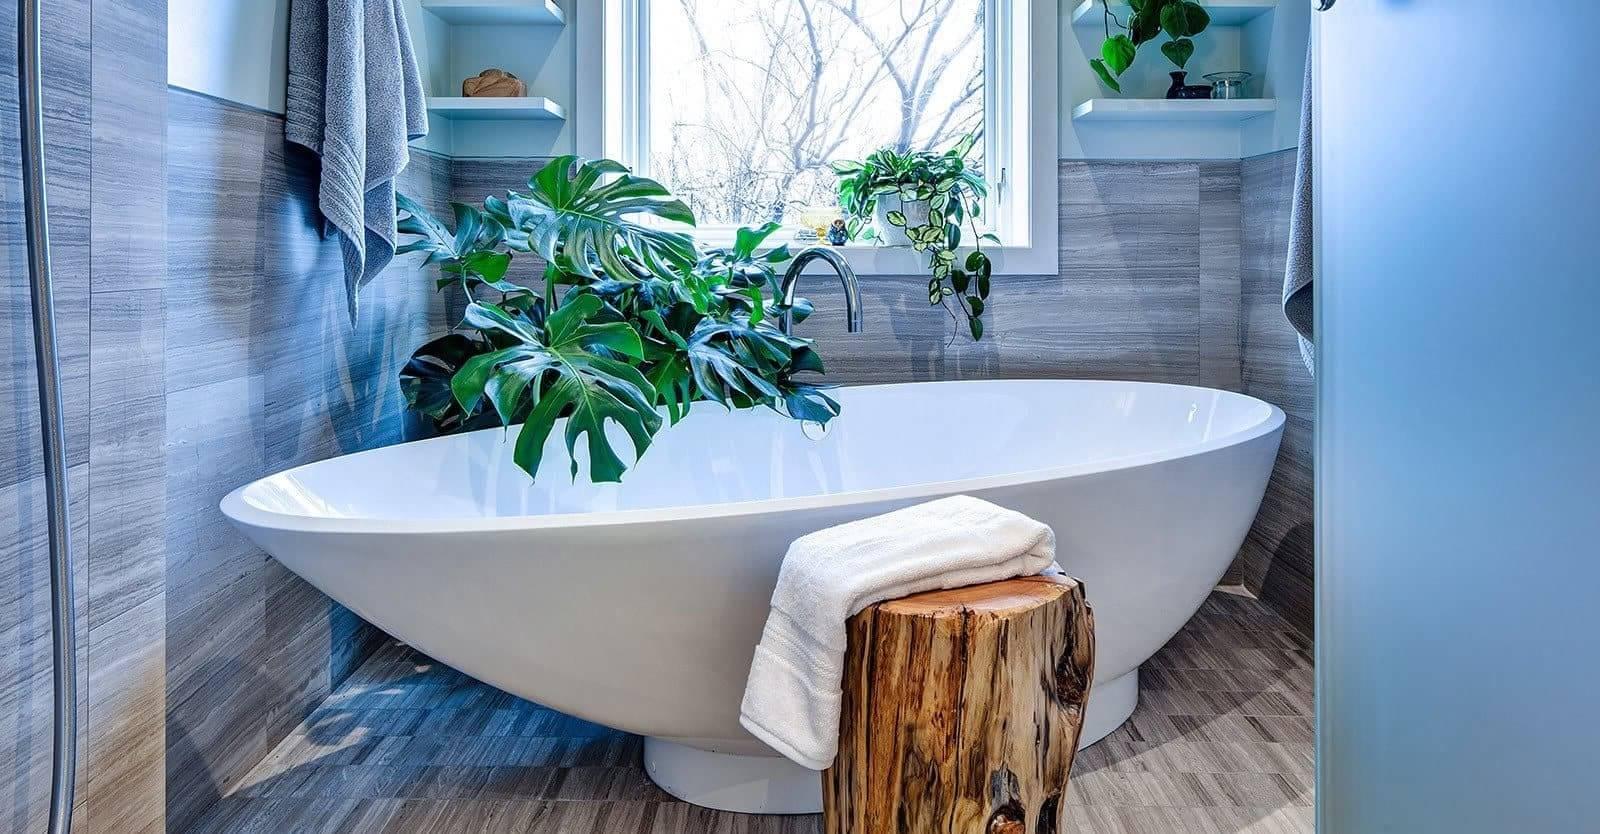 Monstera (attrayant) - rendra votre salle de bain spéciale